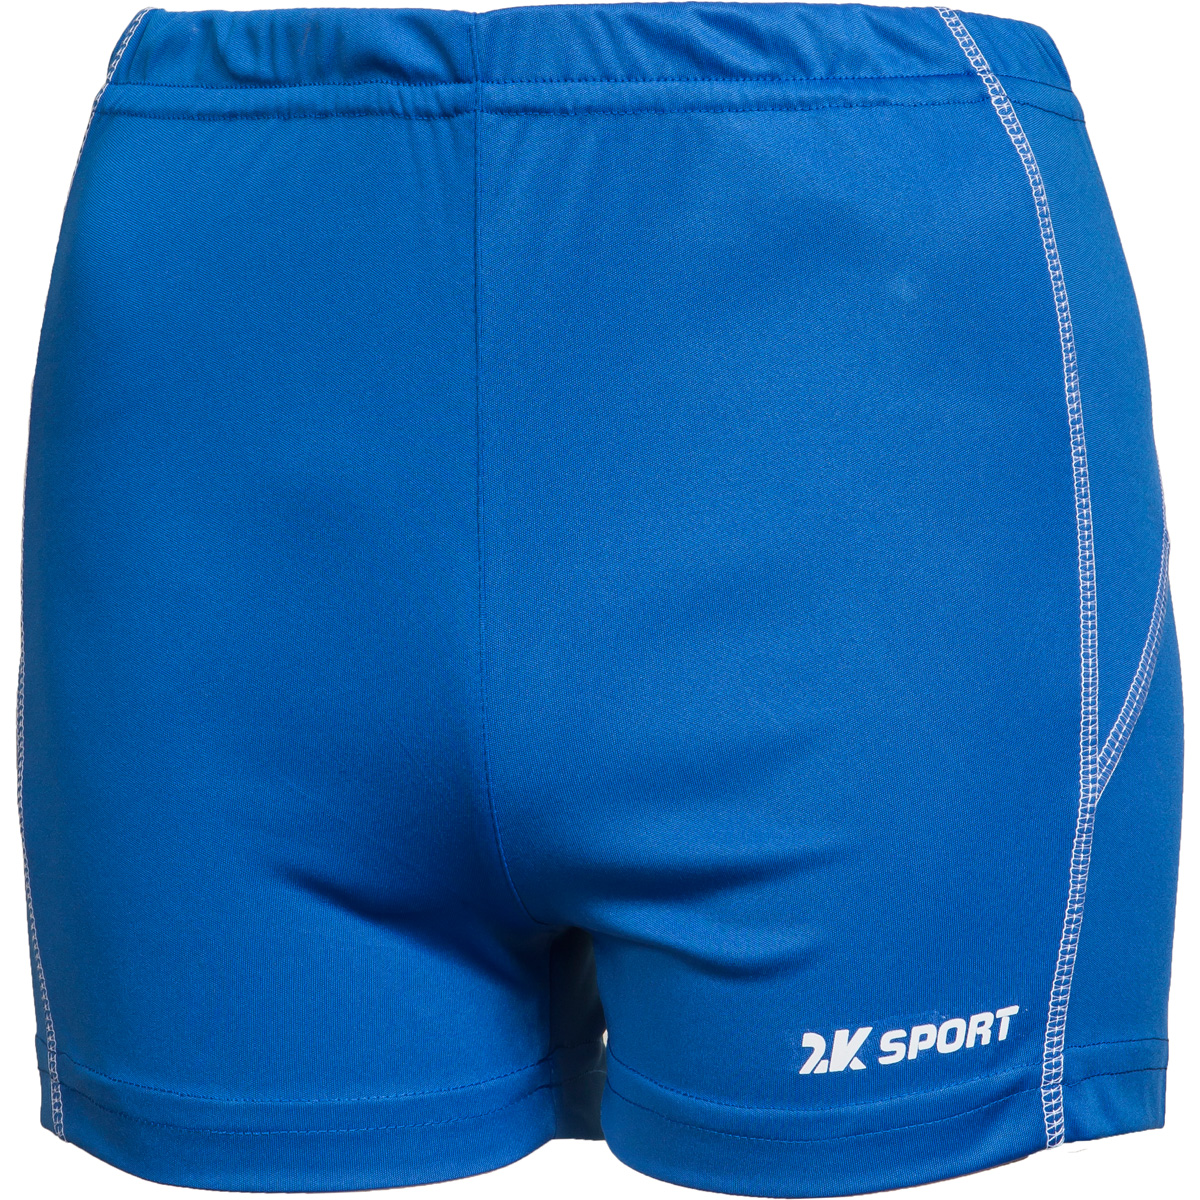 Шорты волейбольные женские 2K Sport Energy, цвет: синий. 140043. Размер M (44/46)140043_royalОблегающие женские волейбольные шорты с контрастными полосами по бокам. Эластичная ткань не стесняет в движениях, но при этом обладает высокой износостойкостью и отлично сохраняет форму.